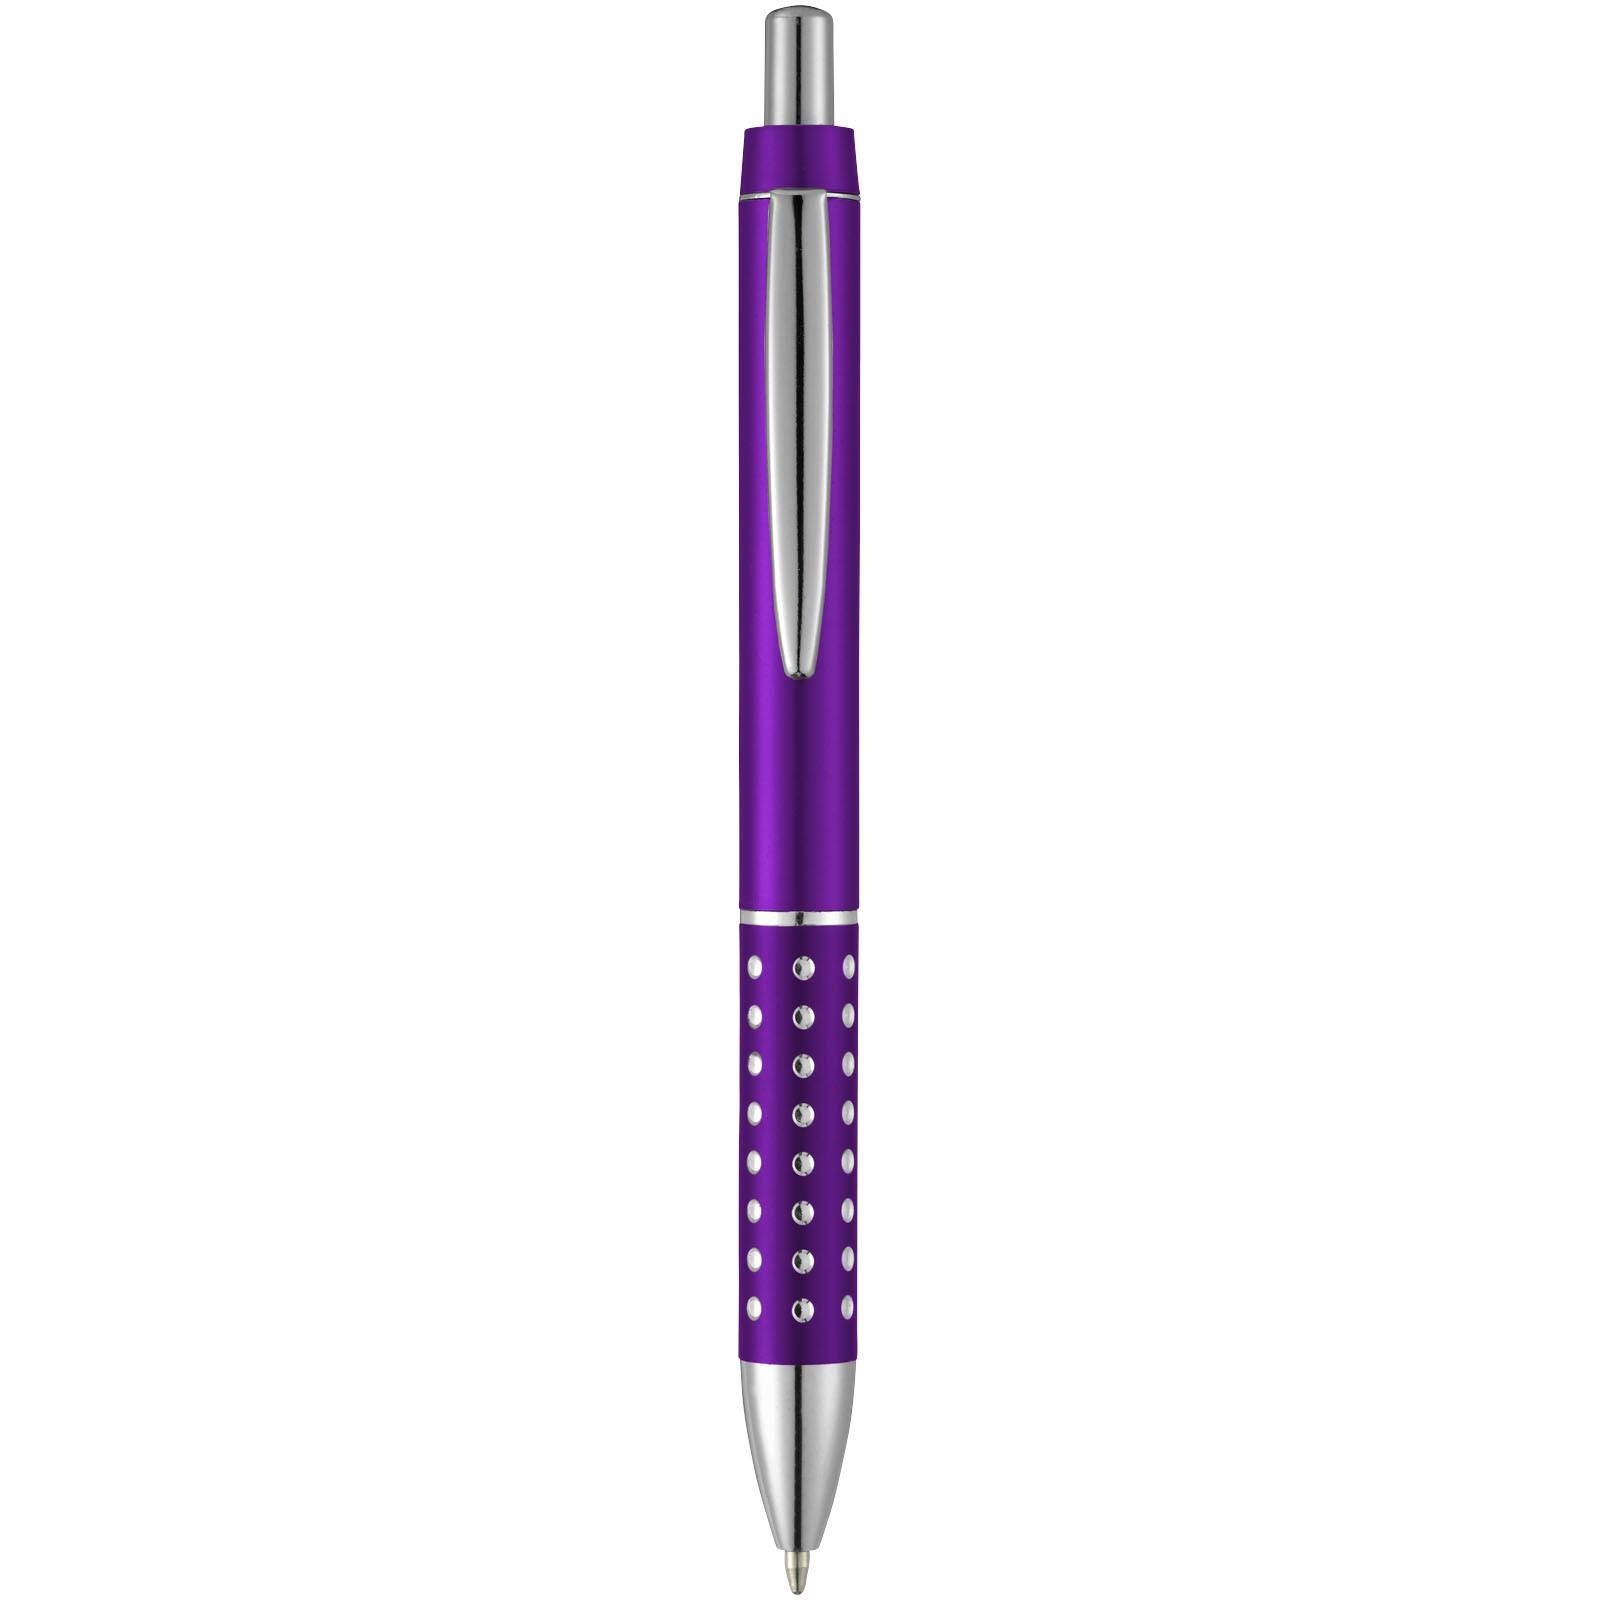 Bling Kugelschreiber mit Aluminiumgriff - Lila